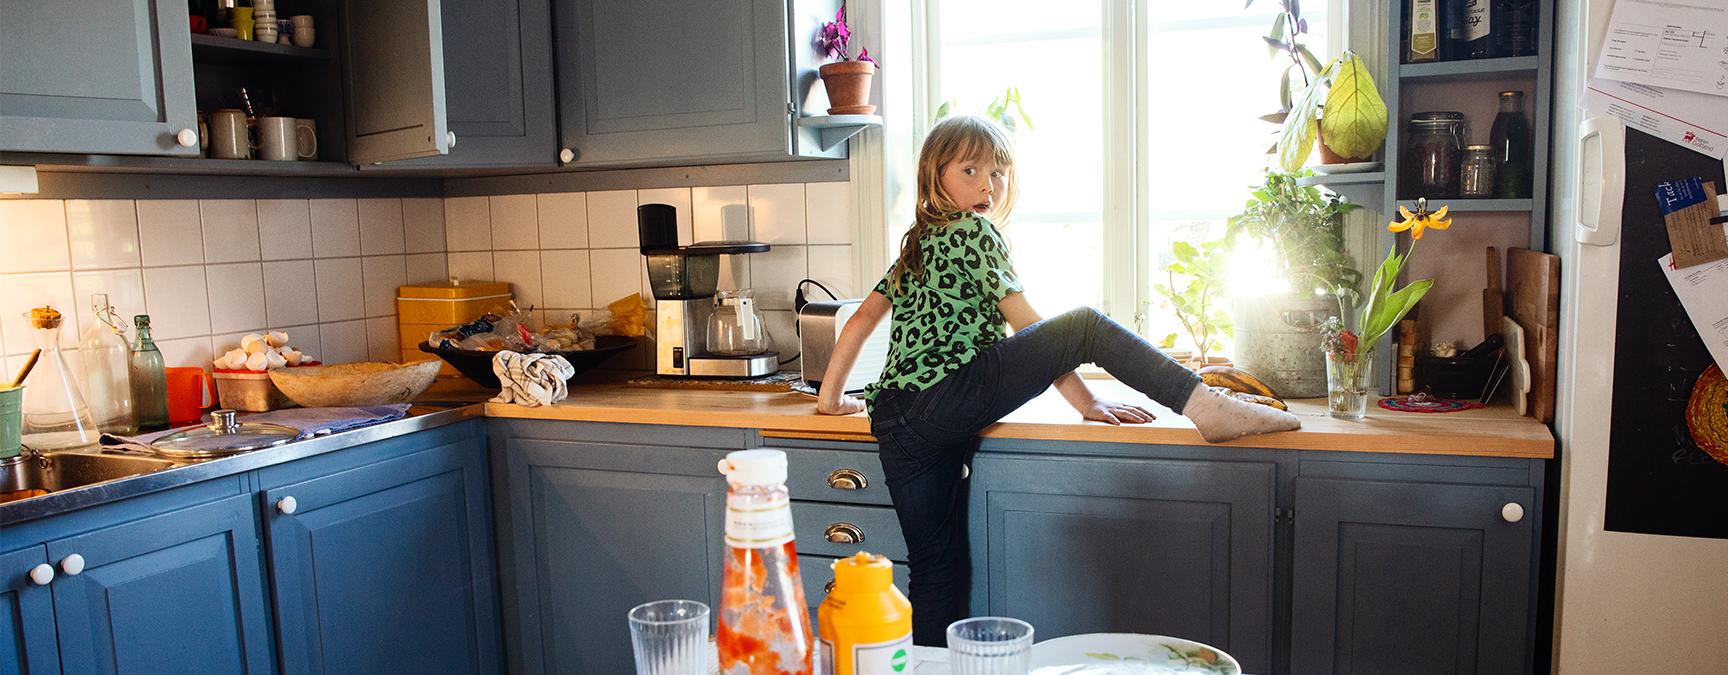 En busig flicka klättrar upp på en diskbänk.